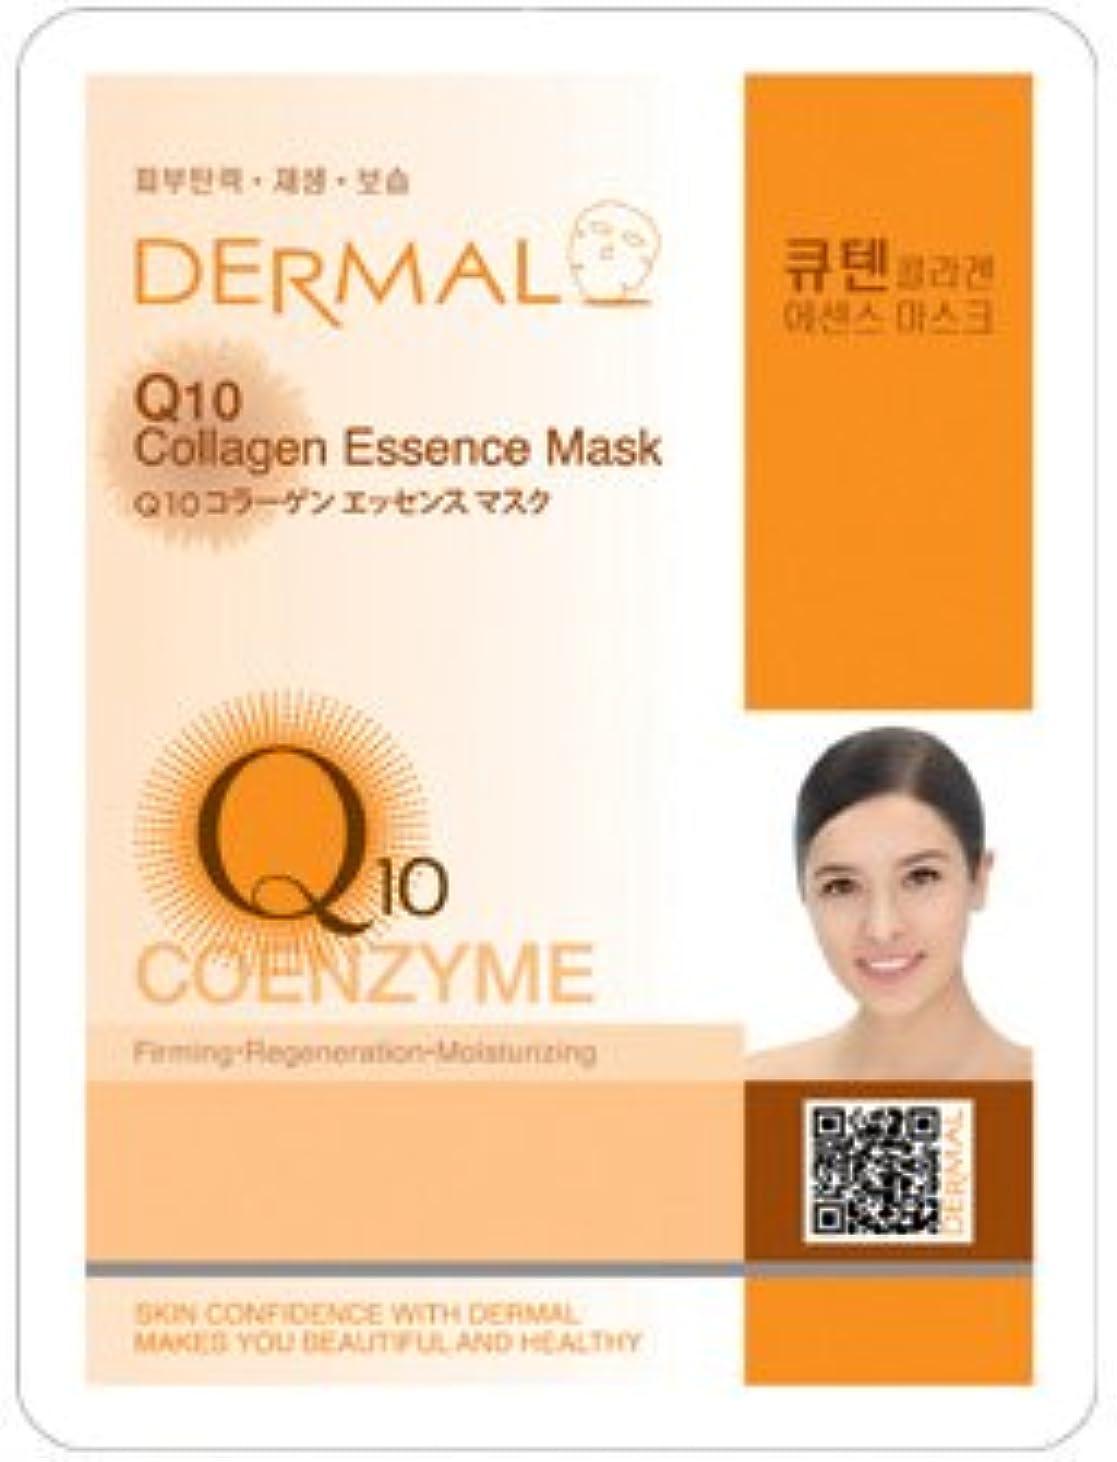 公然とお父さんほこりっぽいシートマスク Q10 コエンザイム 100枚セット ダーマル(Dermal) フェイス パック